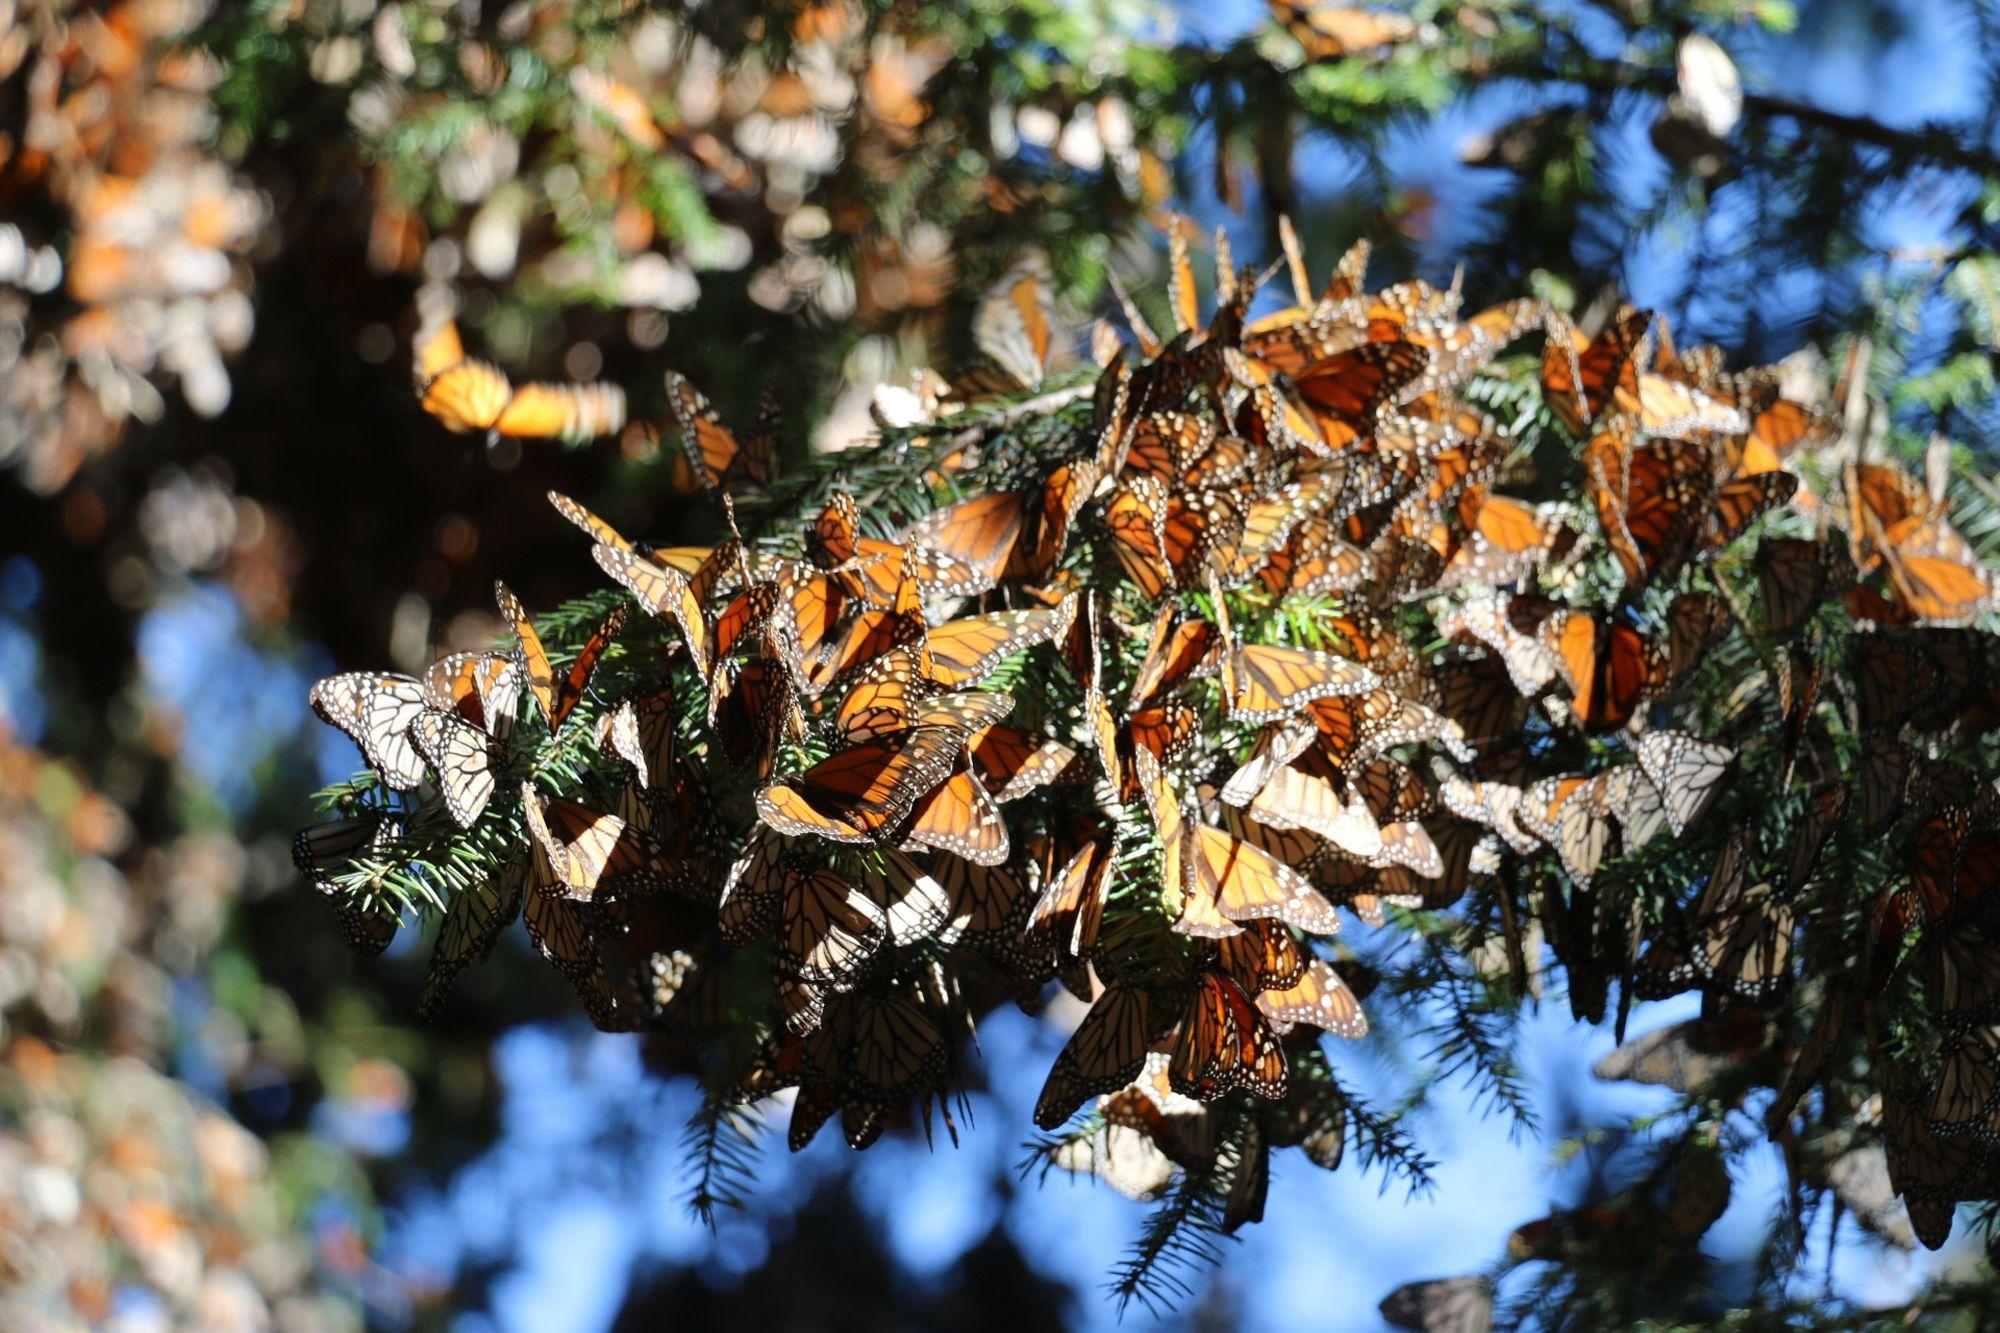 Asombro y estupor ante las mariposas monarca en México